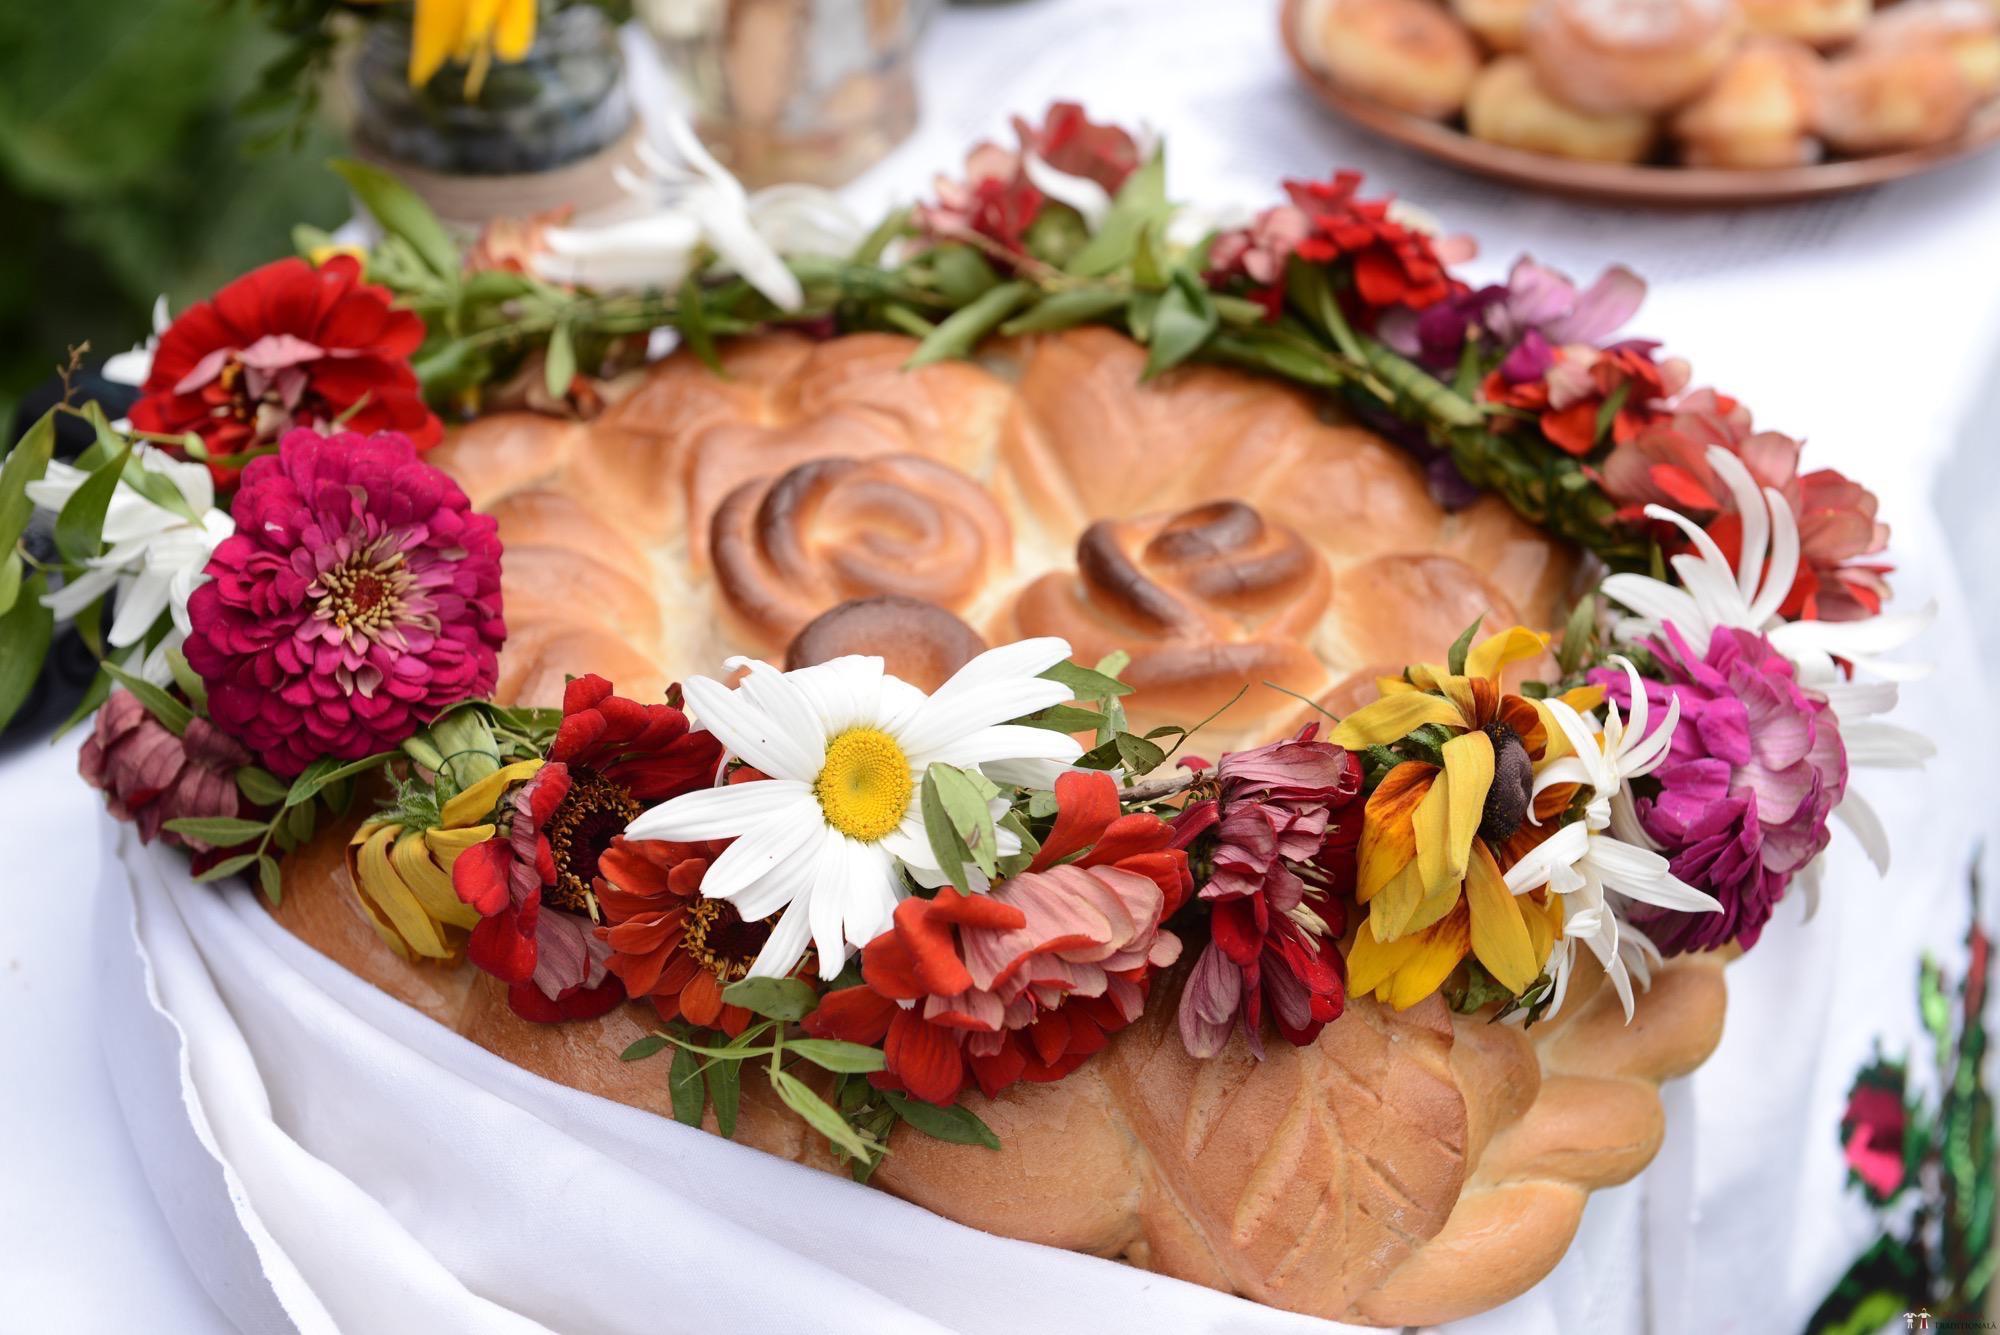 Povești Nunți Tradiționale - Florentina Vlad și Lemnean Ionuț. Cununie tradițională în Baia Mare 13